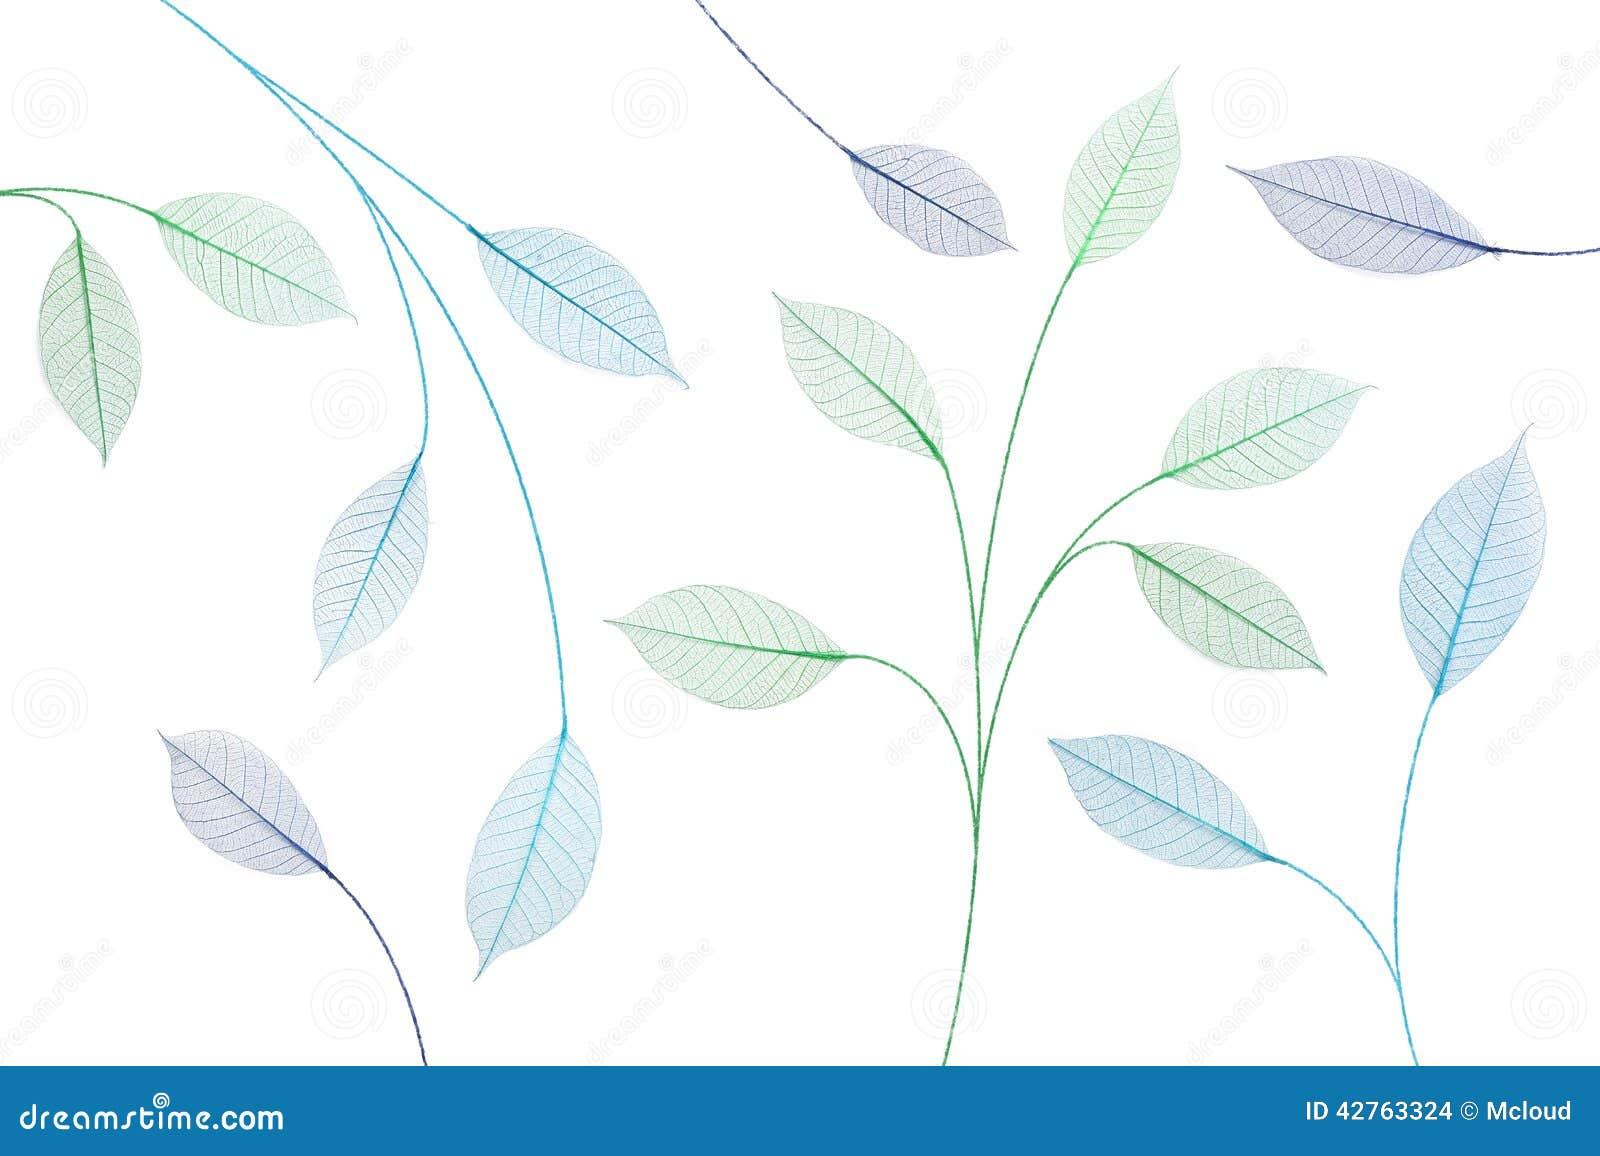 skeleton leaf abstract background stock illustration illustration